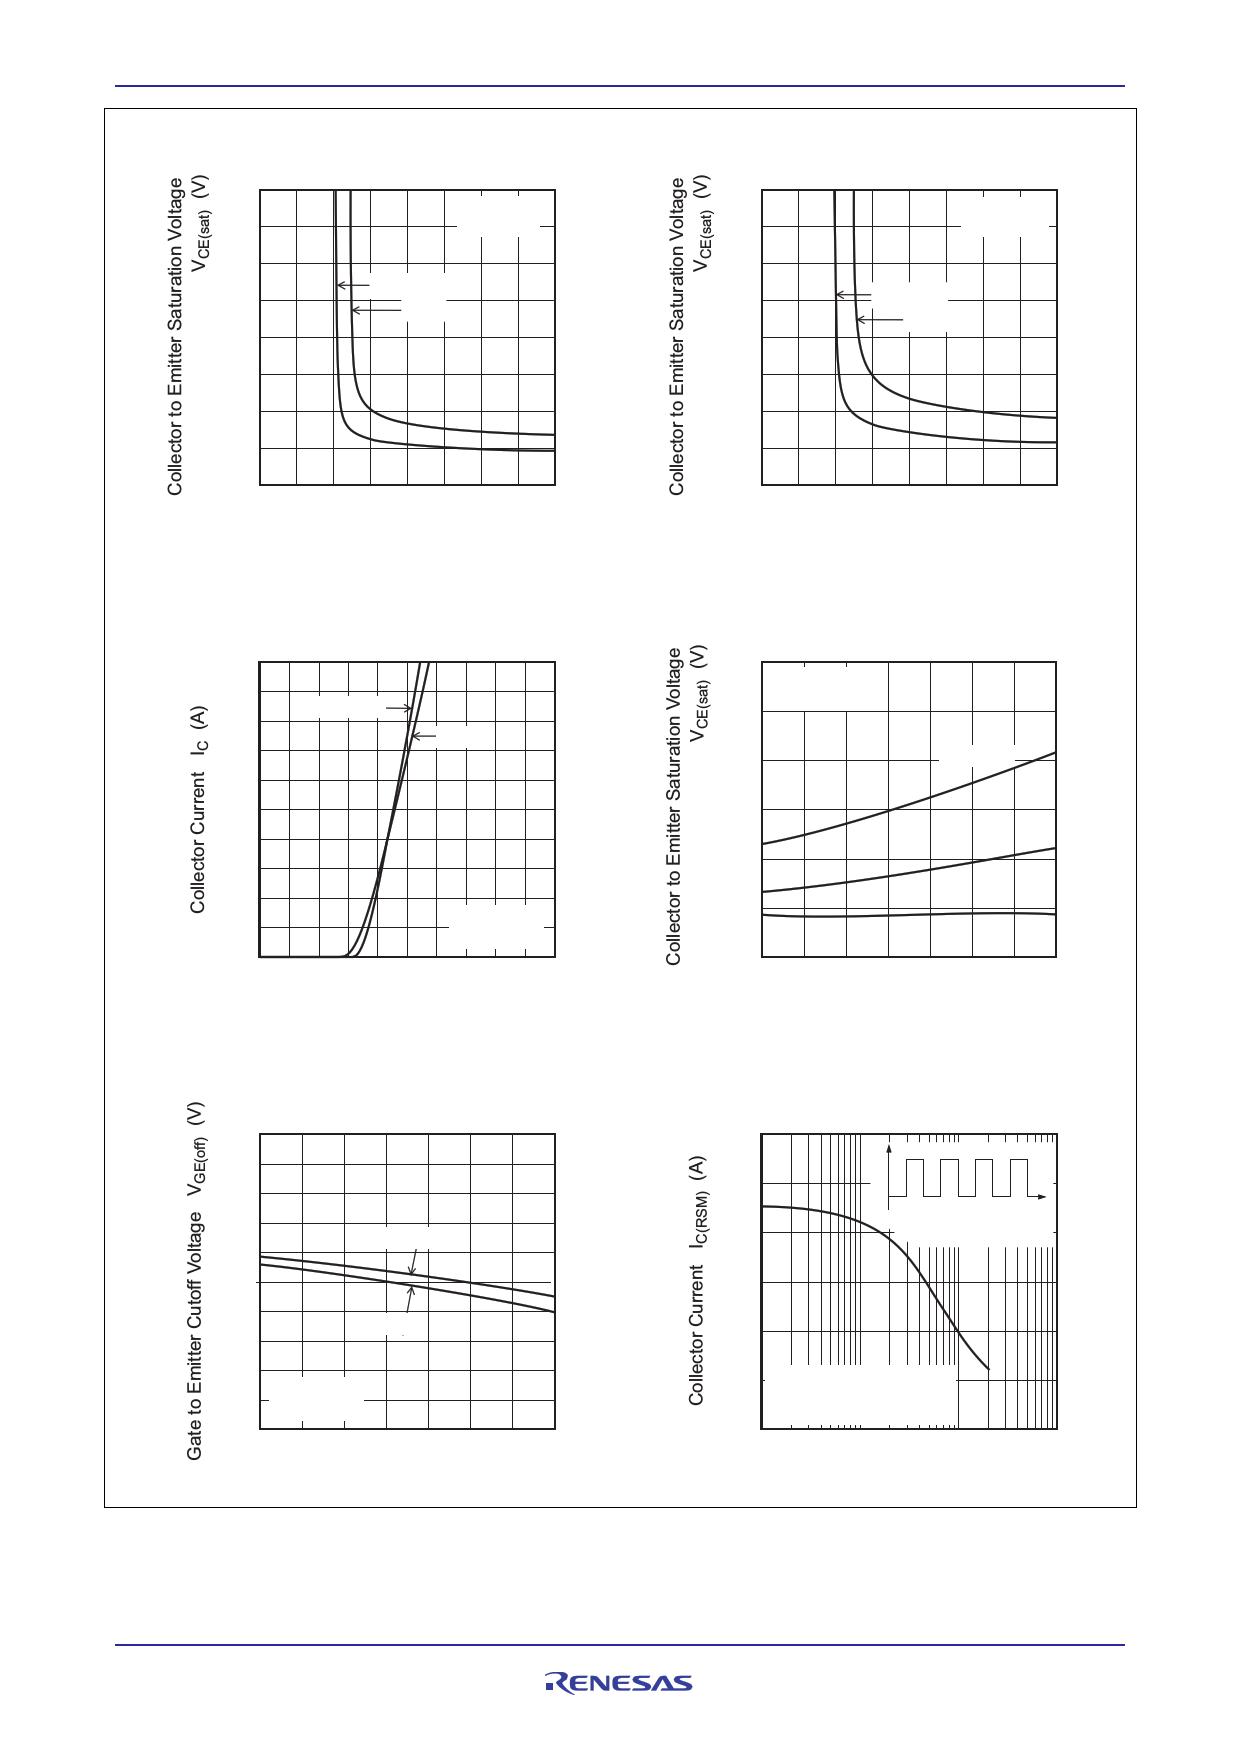 RJH60D7BDPQ-E0 pdf, 반도체, 판매, 대치품